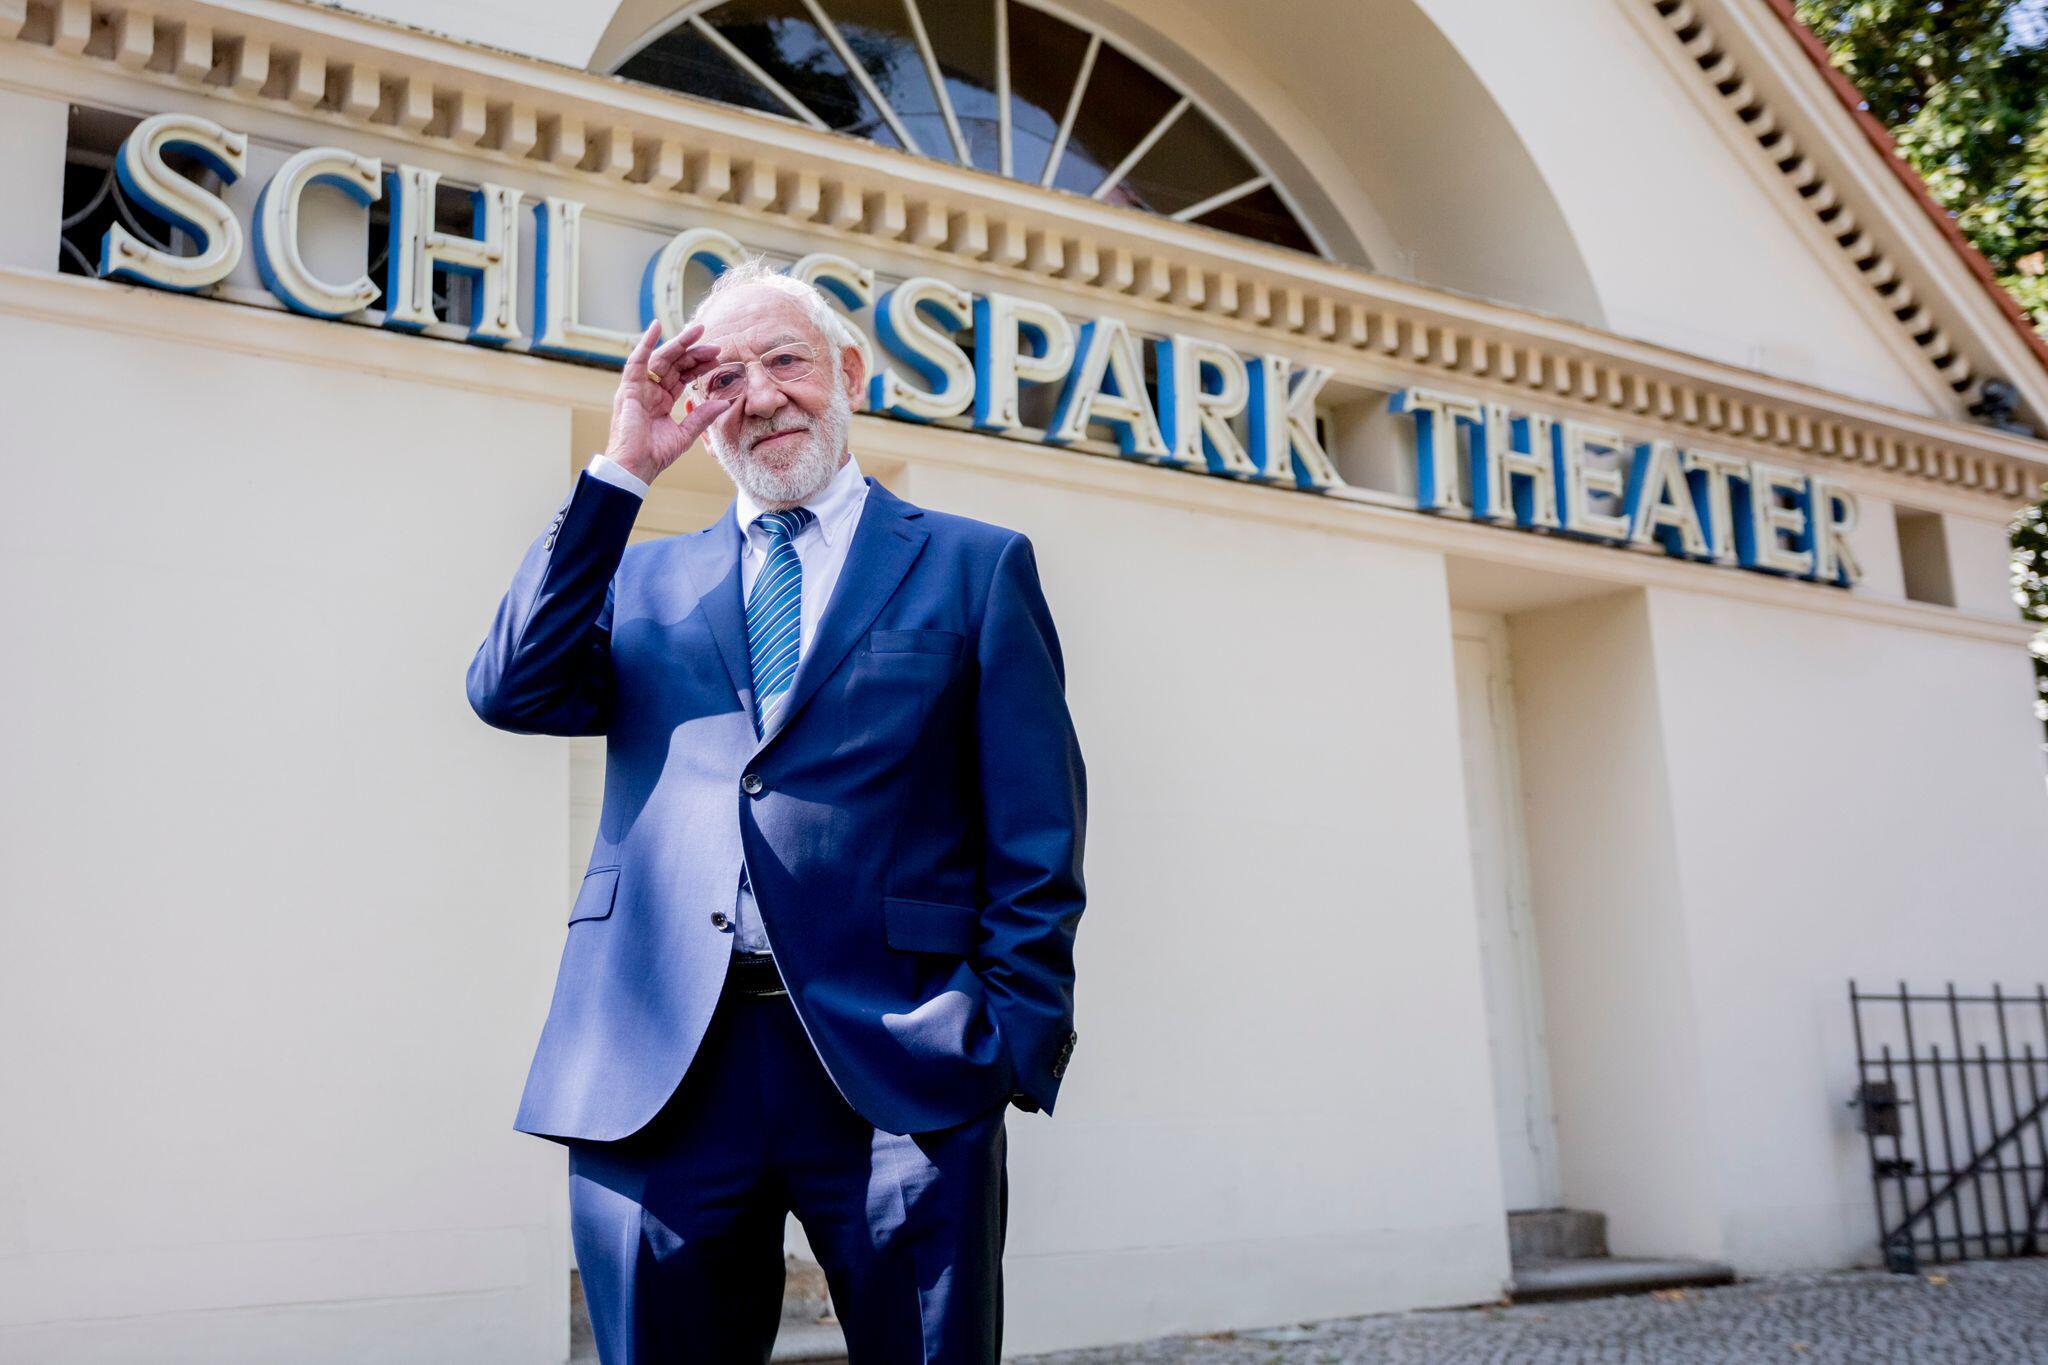 Bild zu Schlosspark Theater